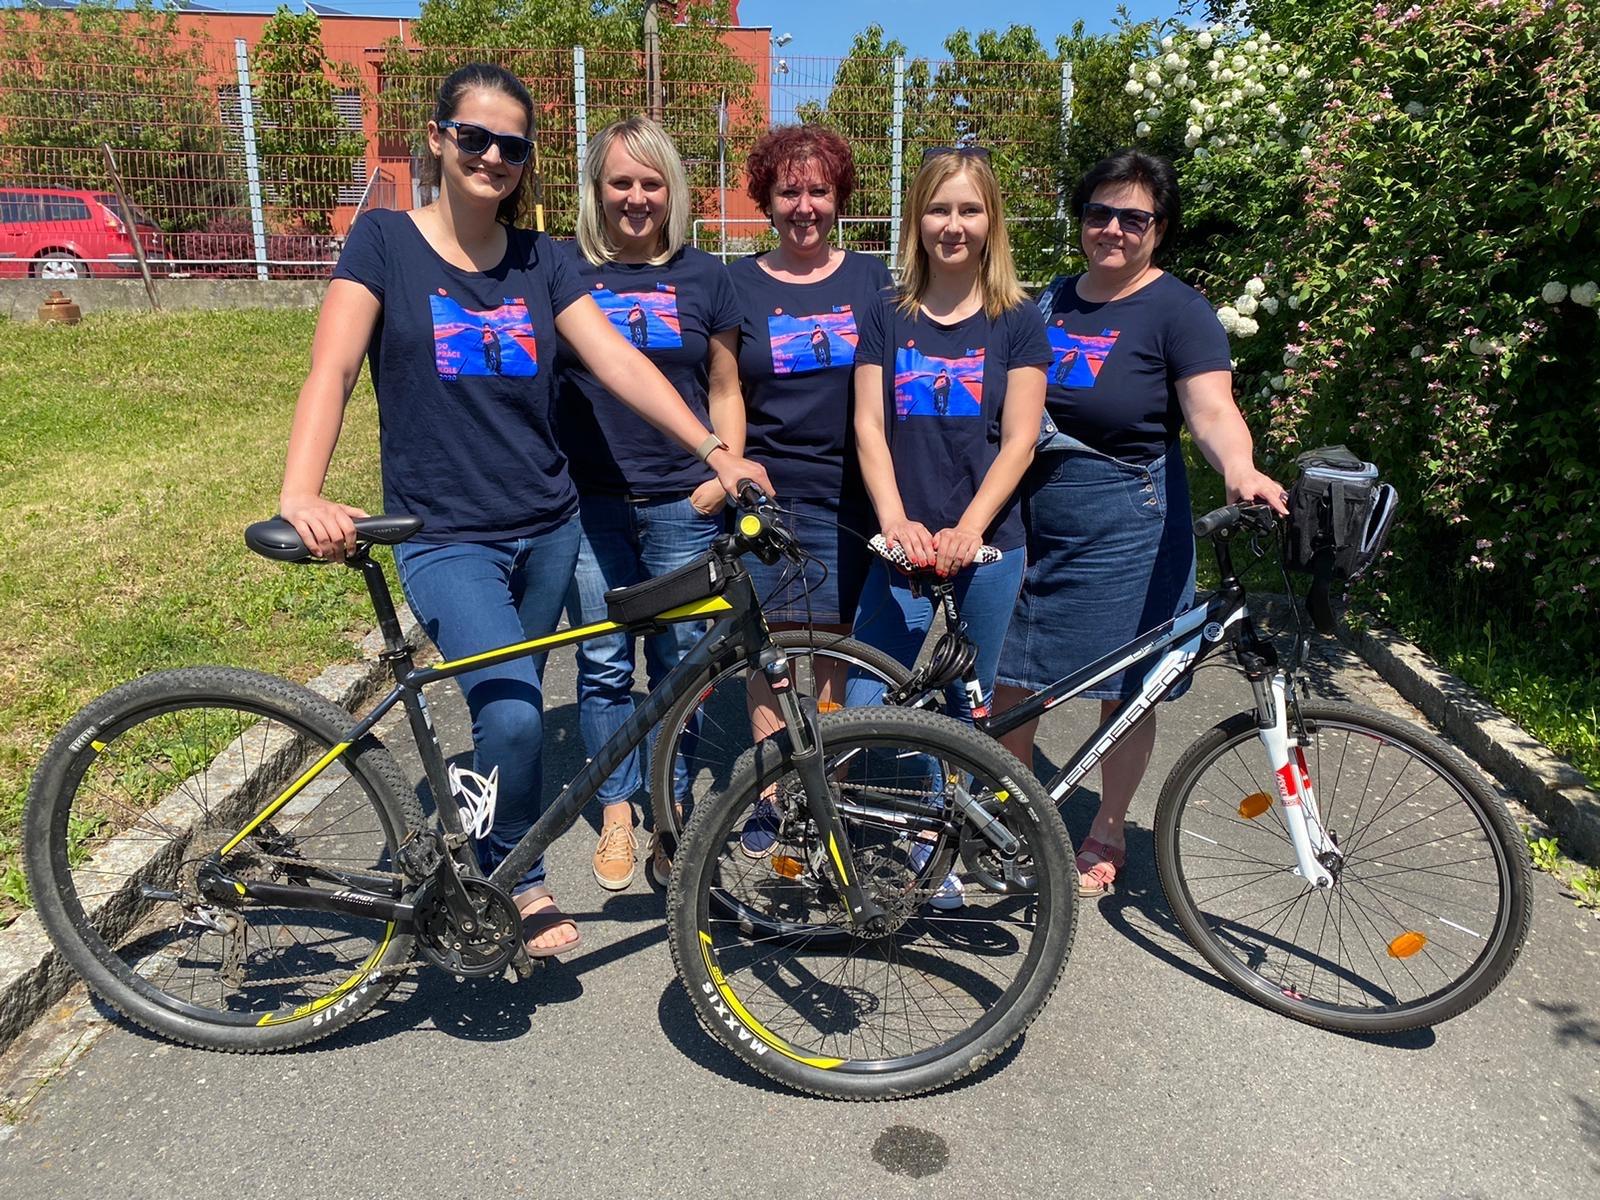 Zaměstnankyně stavební firmy ve Zlíně jezdí do práce na kole pravidelně.